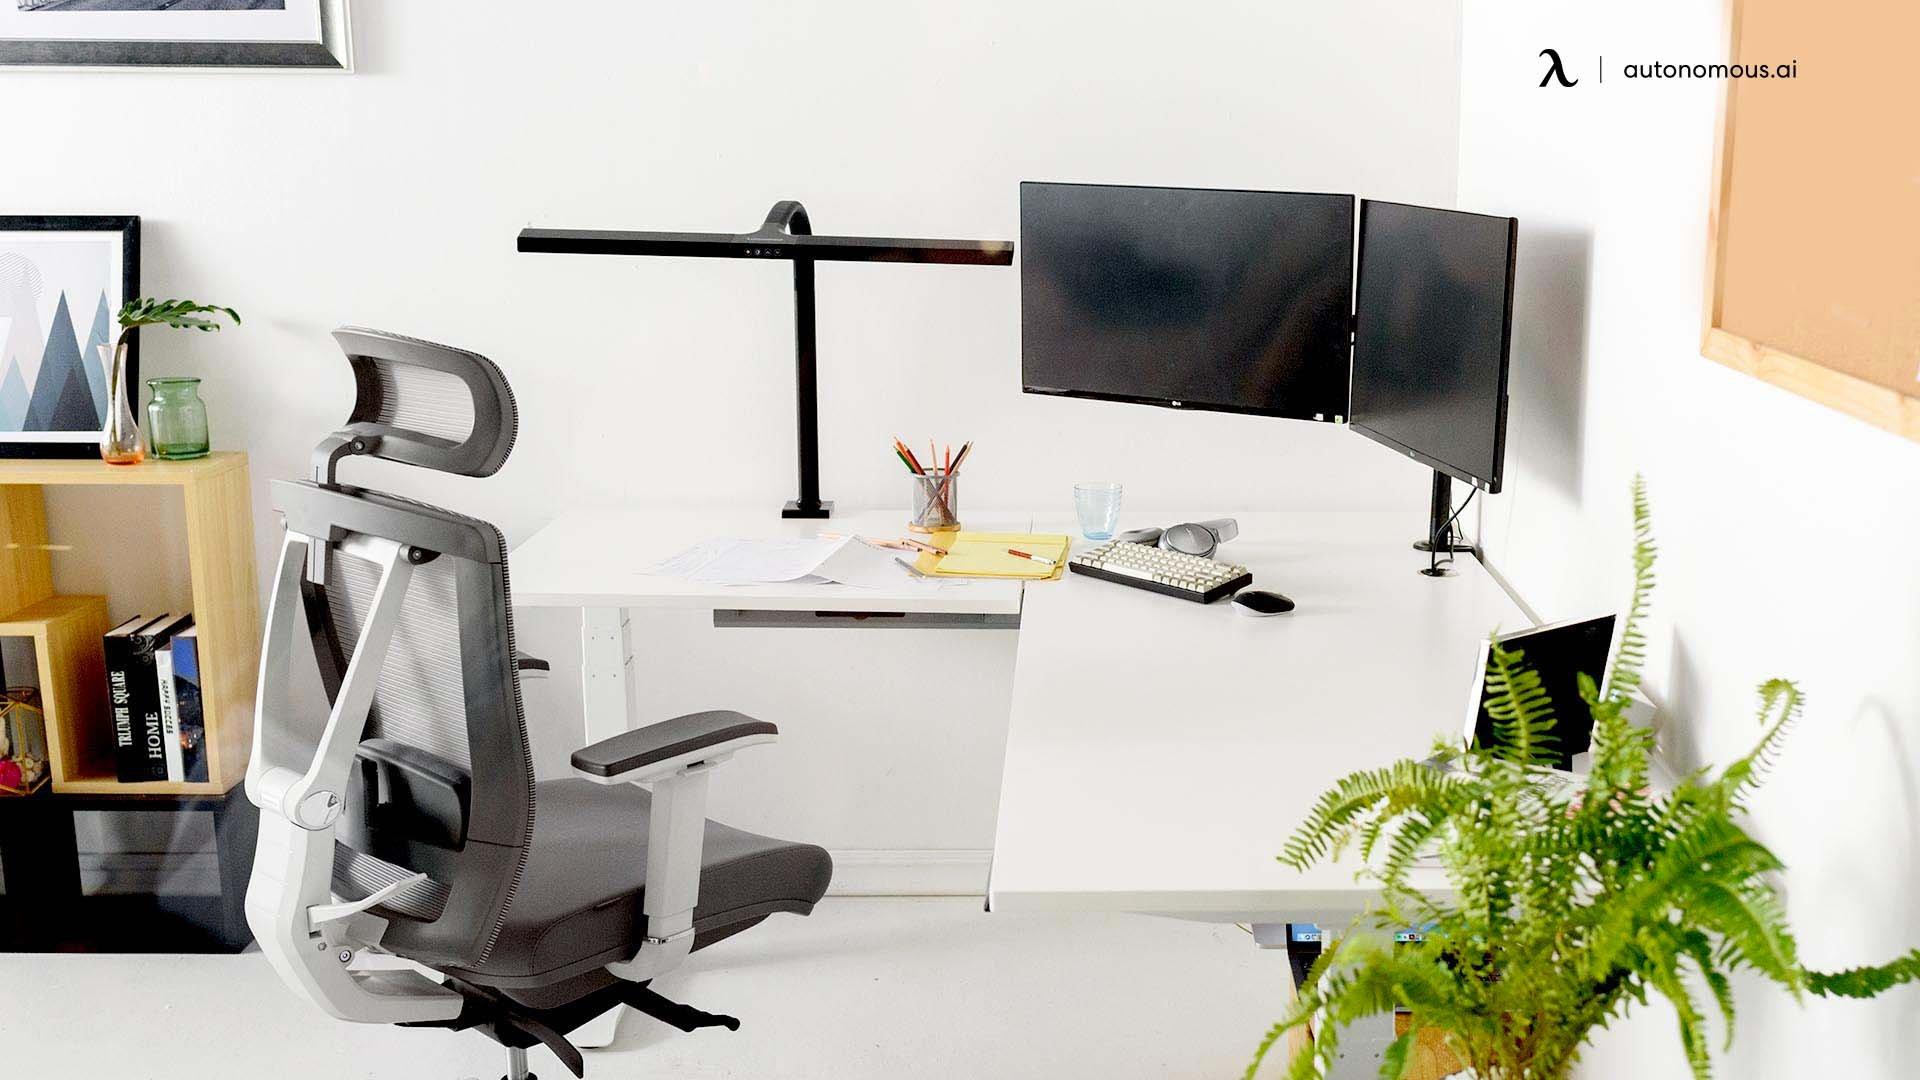 Kitchen office workspace